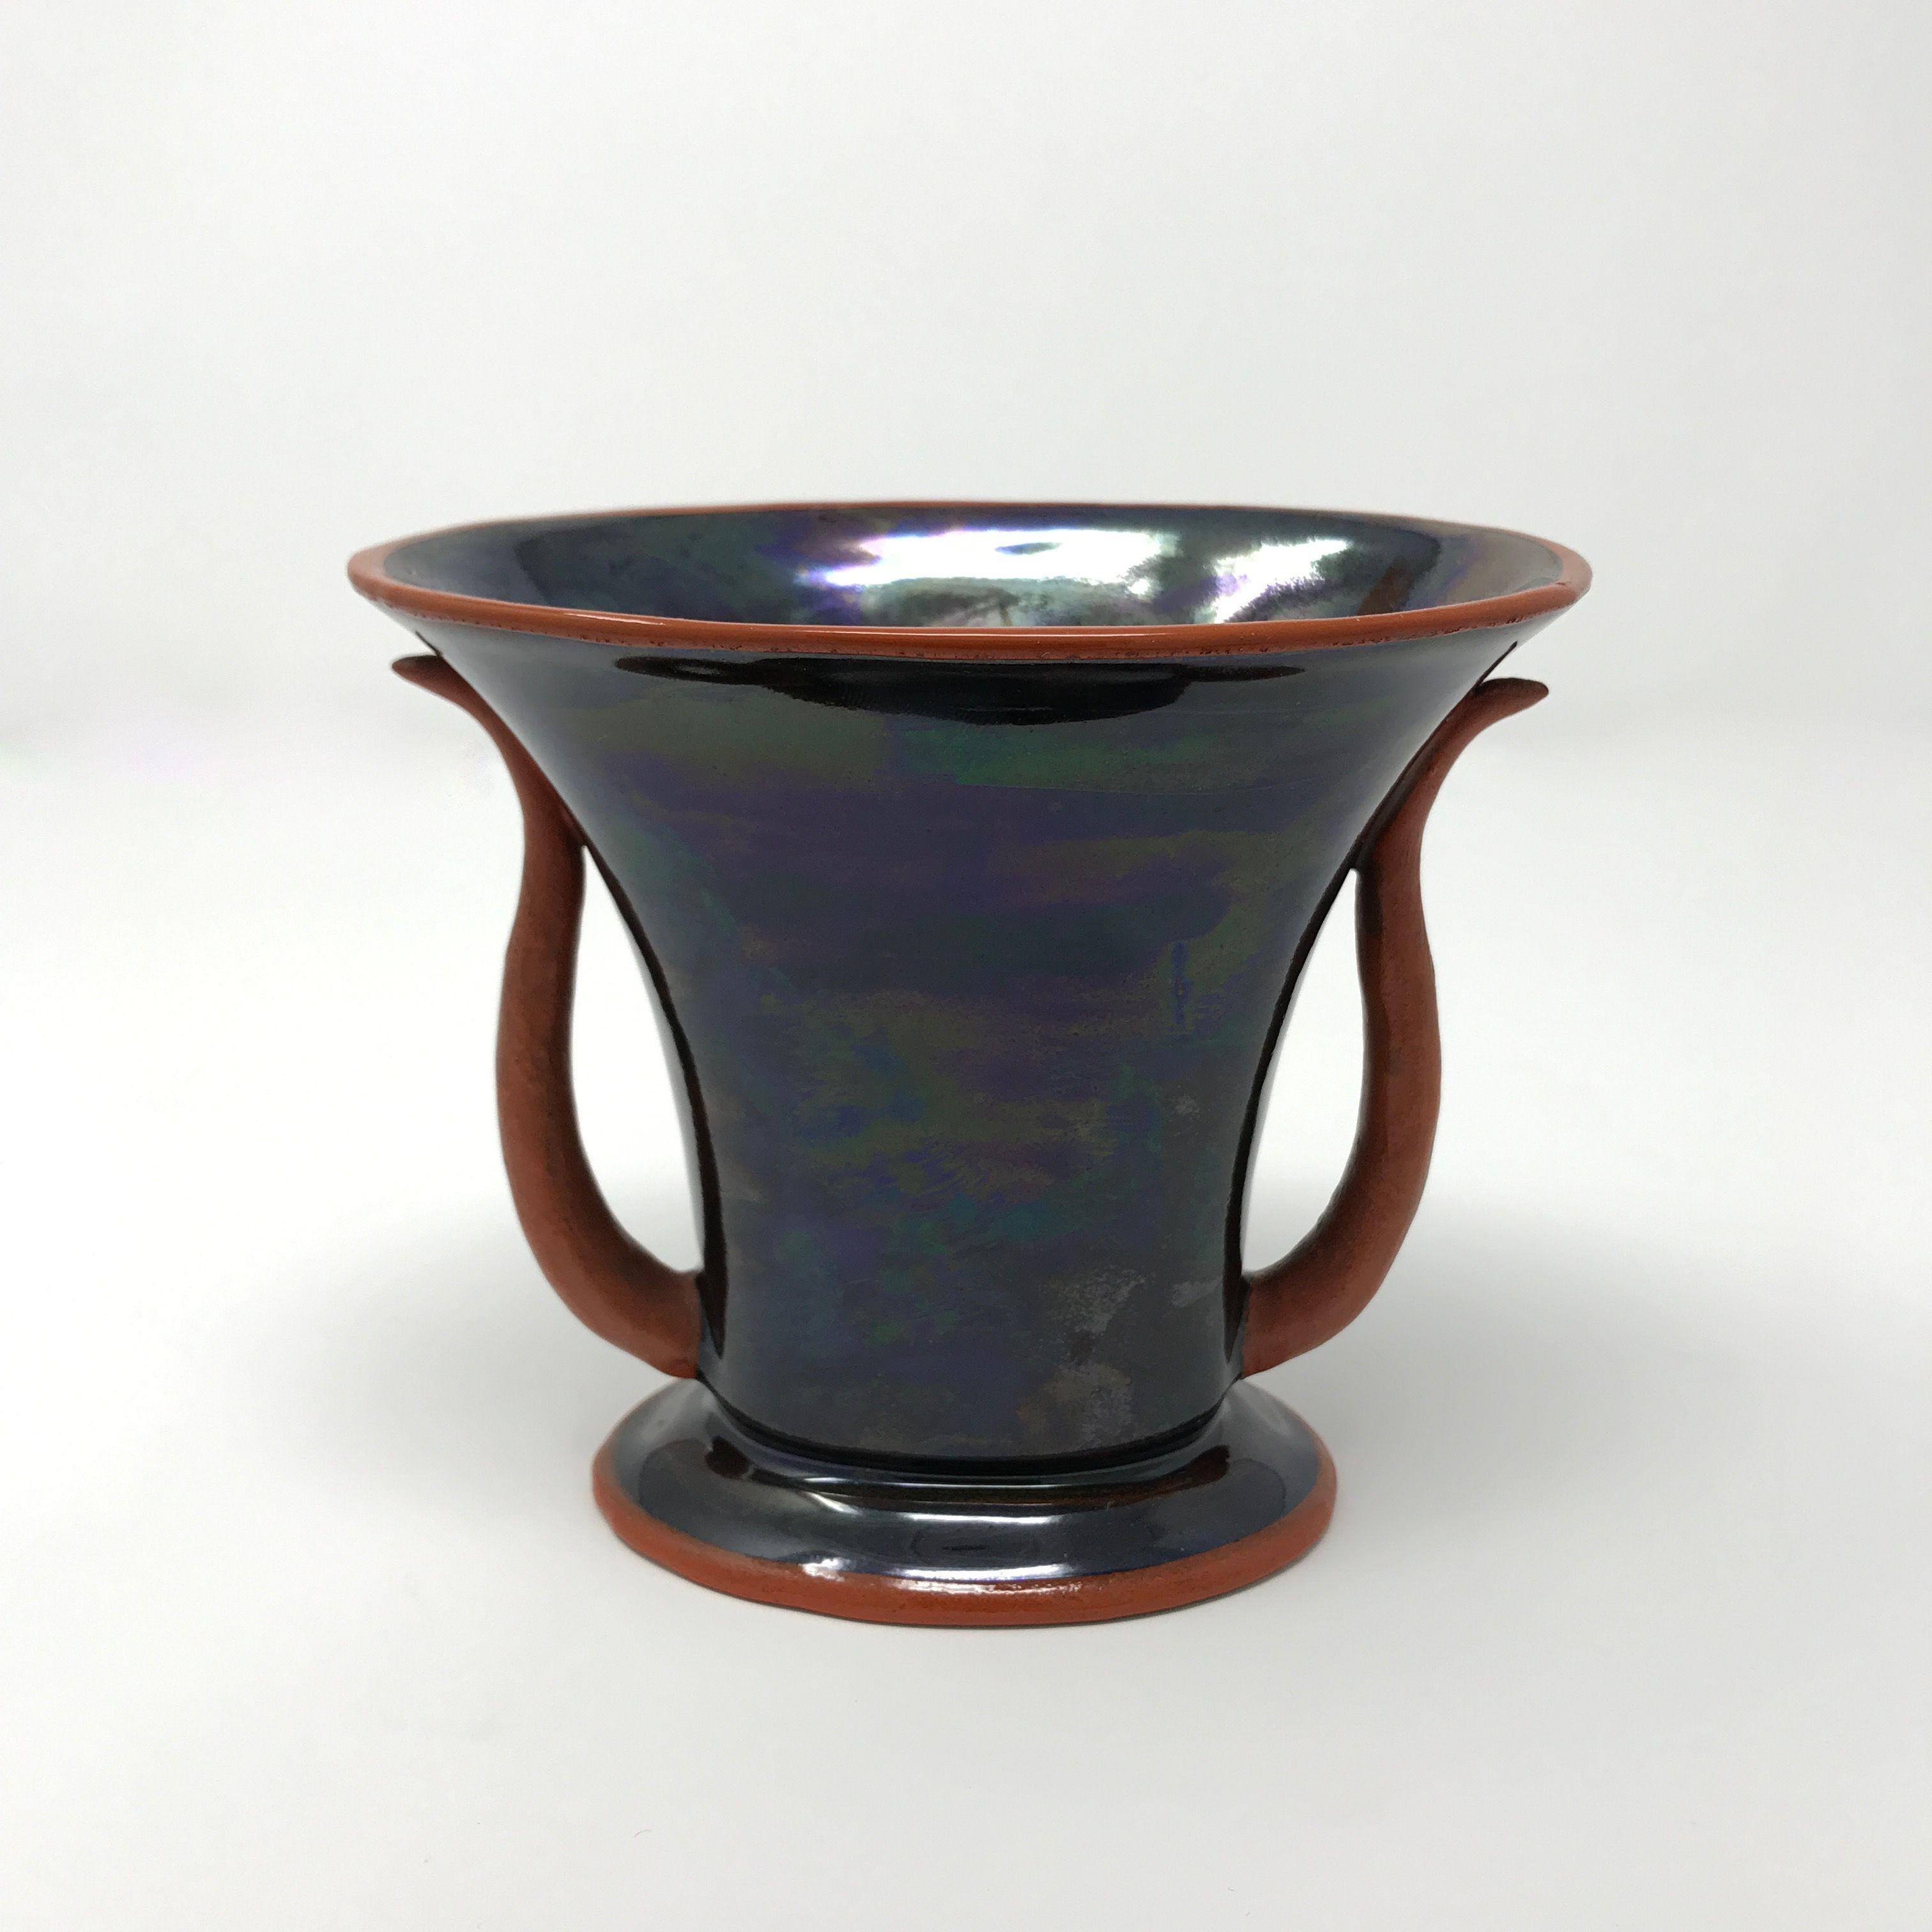 Gio ponti disegno e realizzazione rarissimo vaso in for Vaso greco a due anse